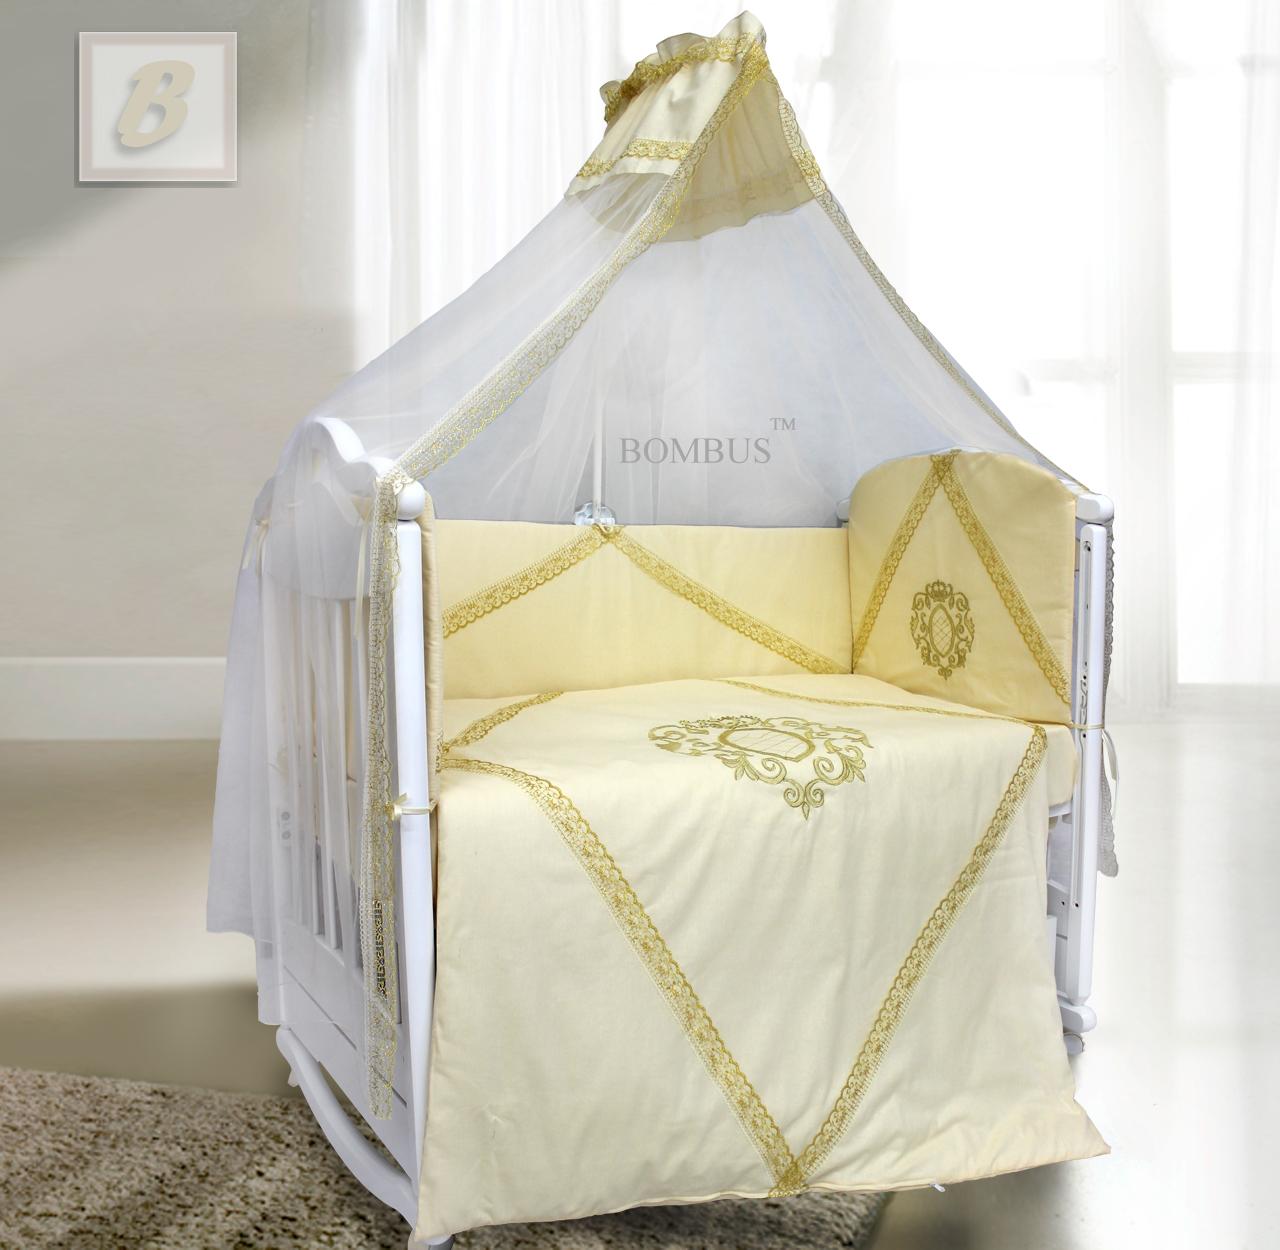 Комплект в кроватку - Виконт, 7 предметовДетское постельное белье<br>Комплект в кроватку - Виконт, 7 предметов<br>